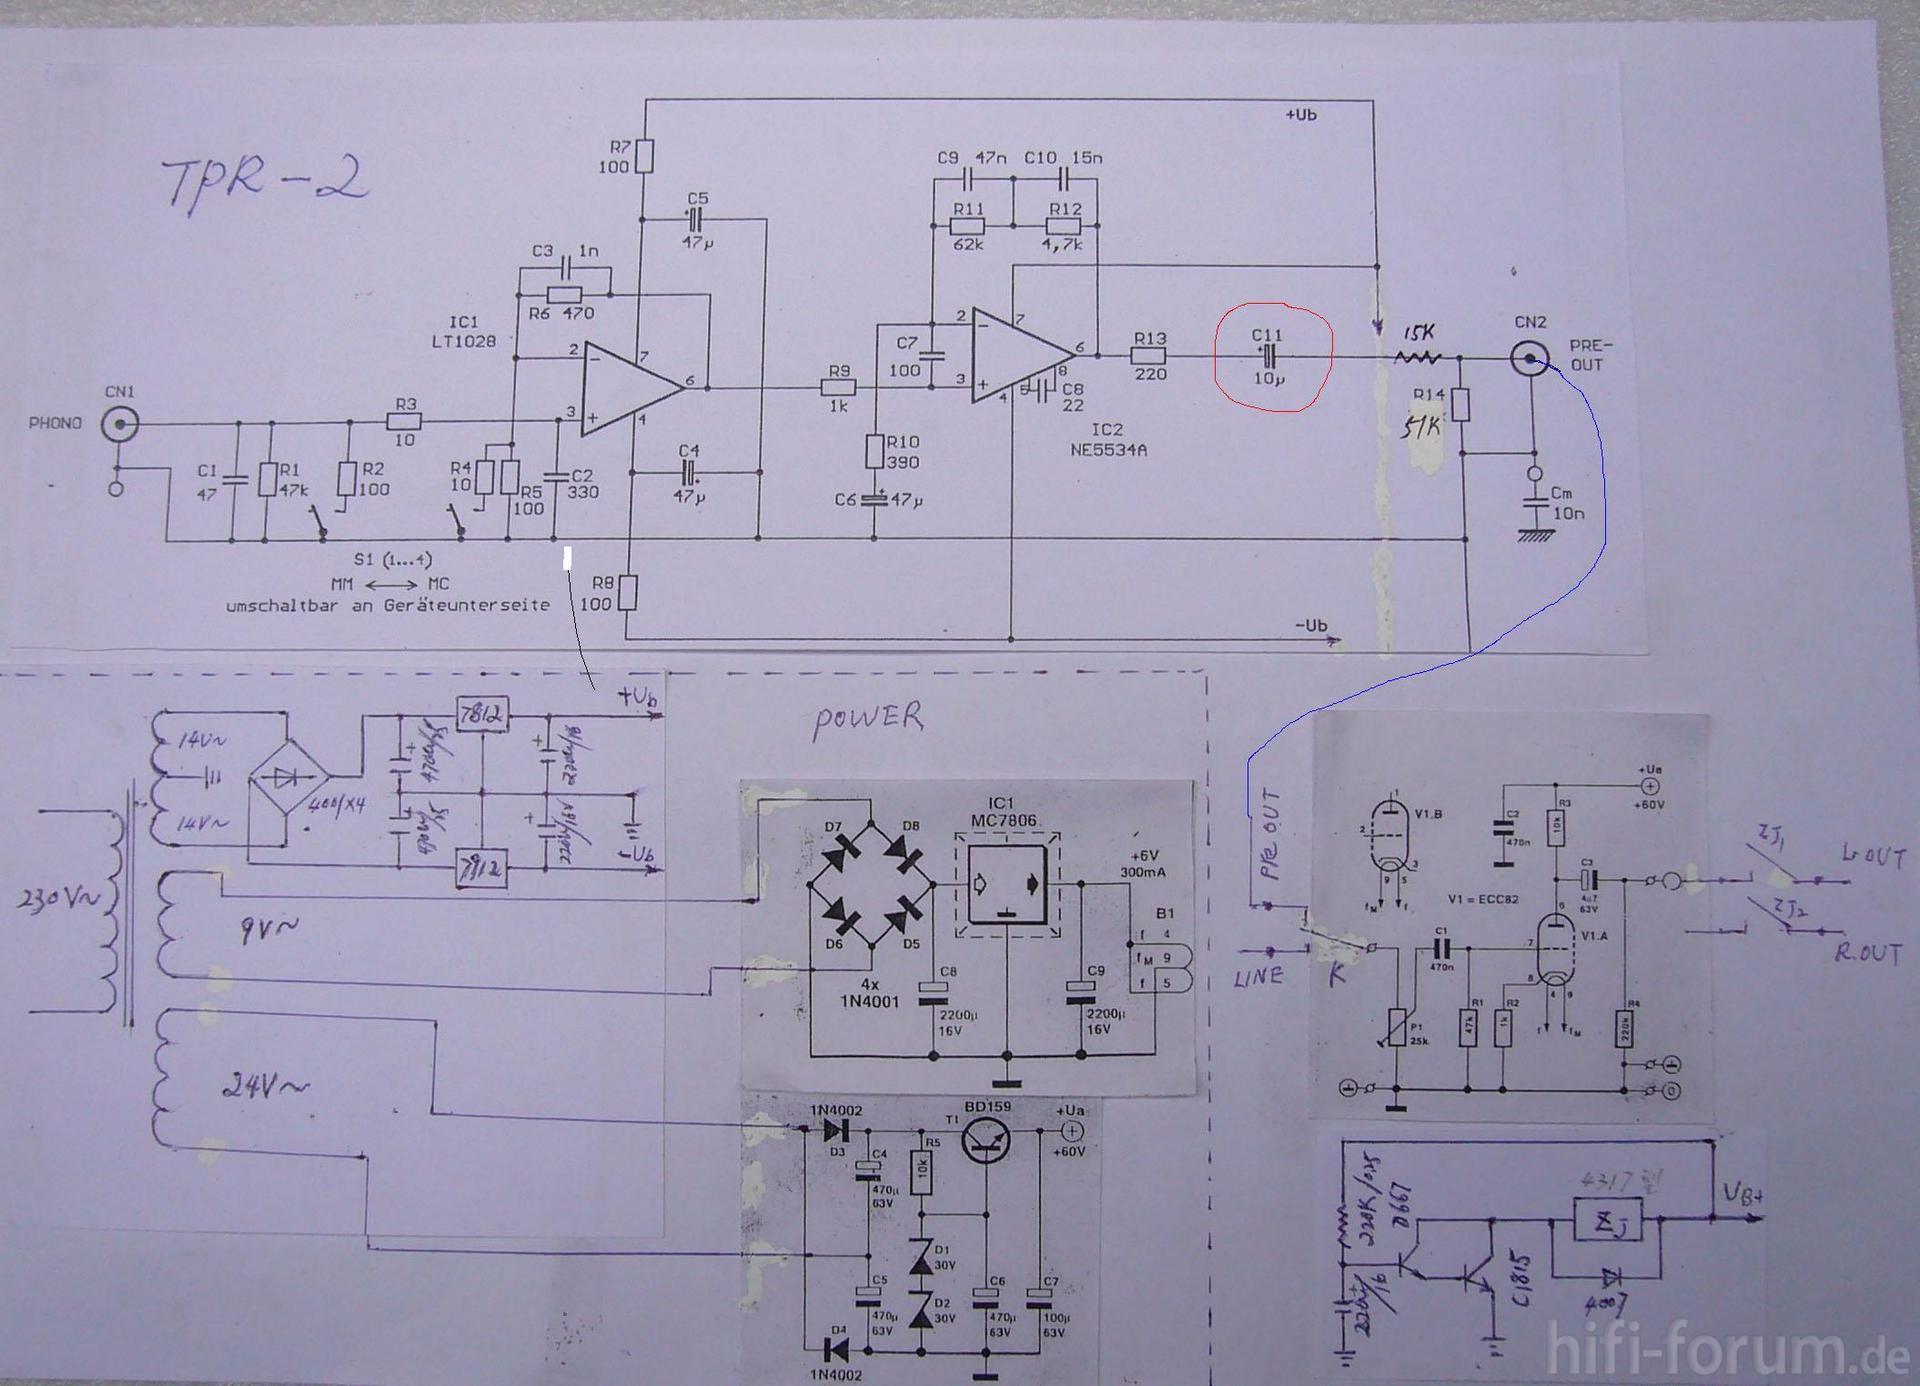 Schaltplan TPR-2 | schaltplan, tpr2 | hifi-forum.de Bildergalerie